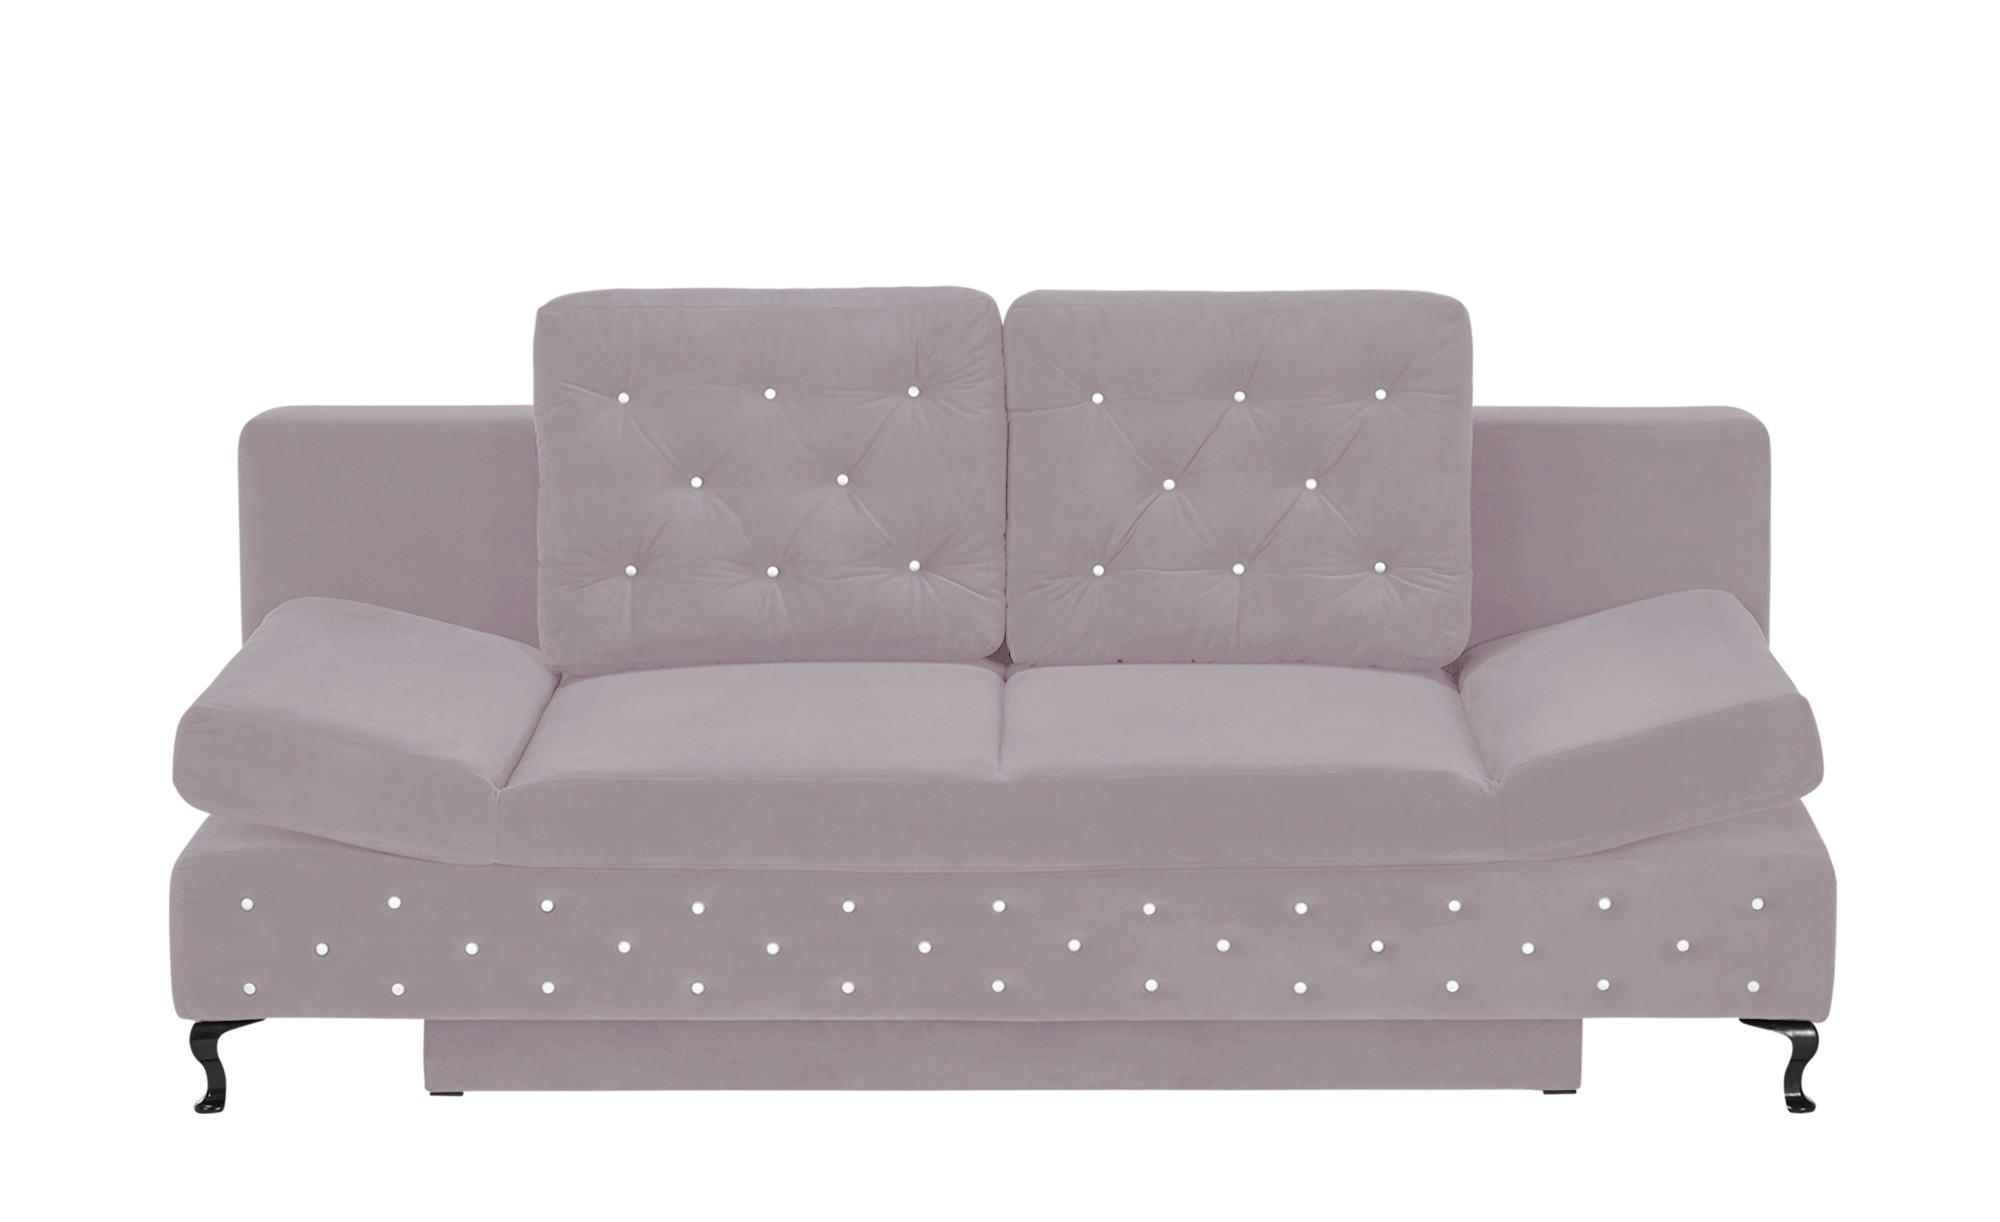 switch Schlafsofa altrosa - Mikrofaser Riviera ¦ rosa/pink ¦ Maße (cm): B: 202 H: 75 T: 94 Polstermöbel > Sofas > Einzelsofas - Höffner